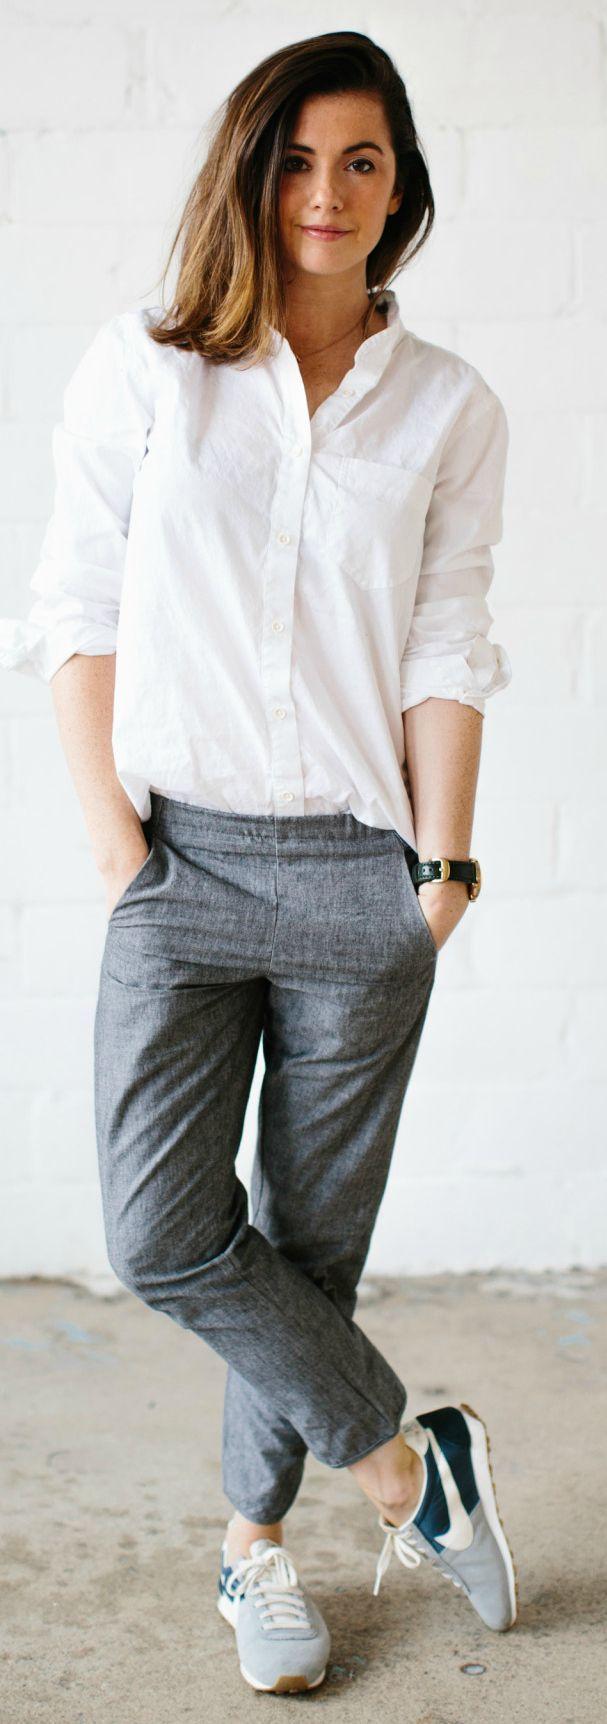 Kate Arends zieht einen einfachen, aber klassischen Look eines einfachen weißen…